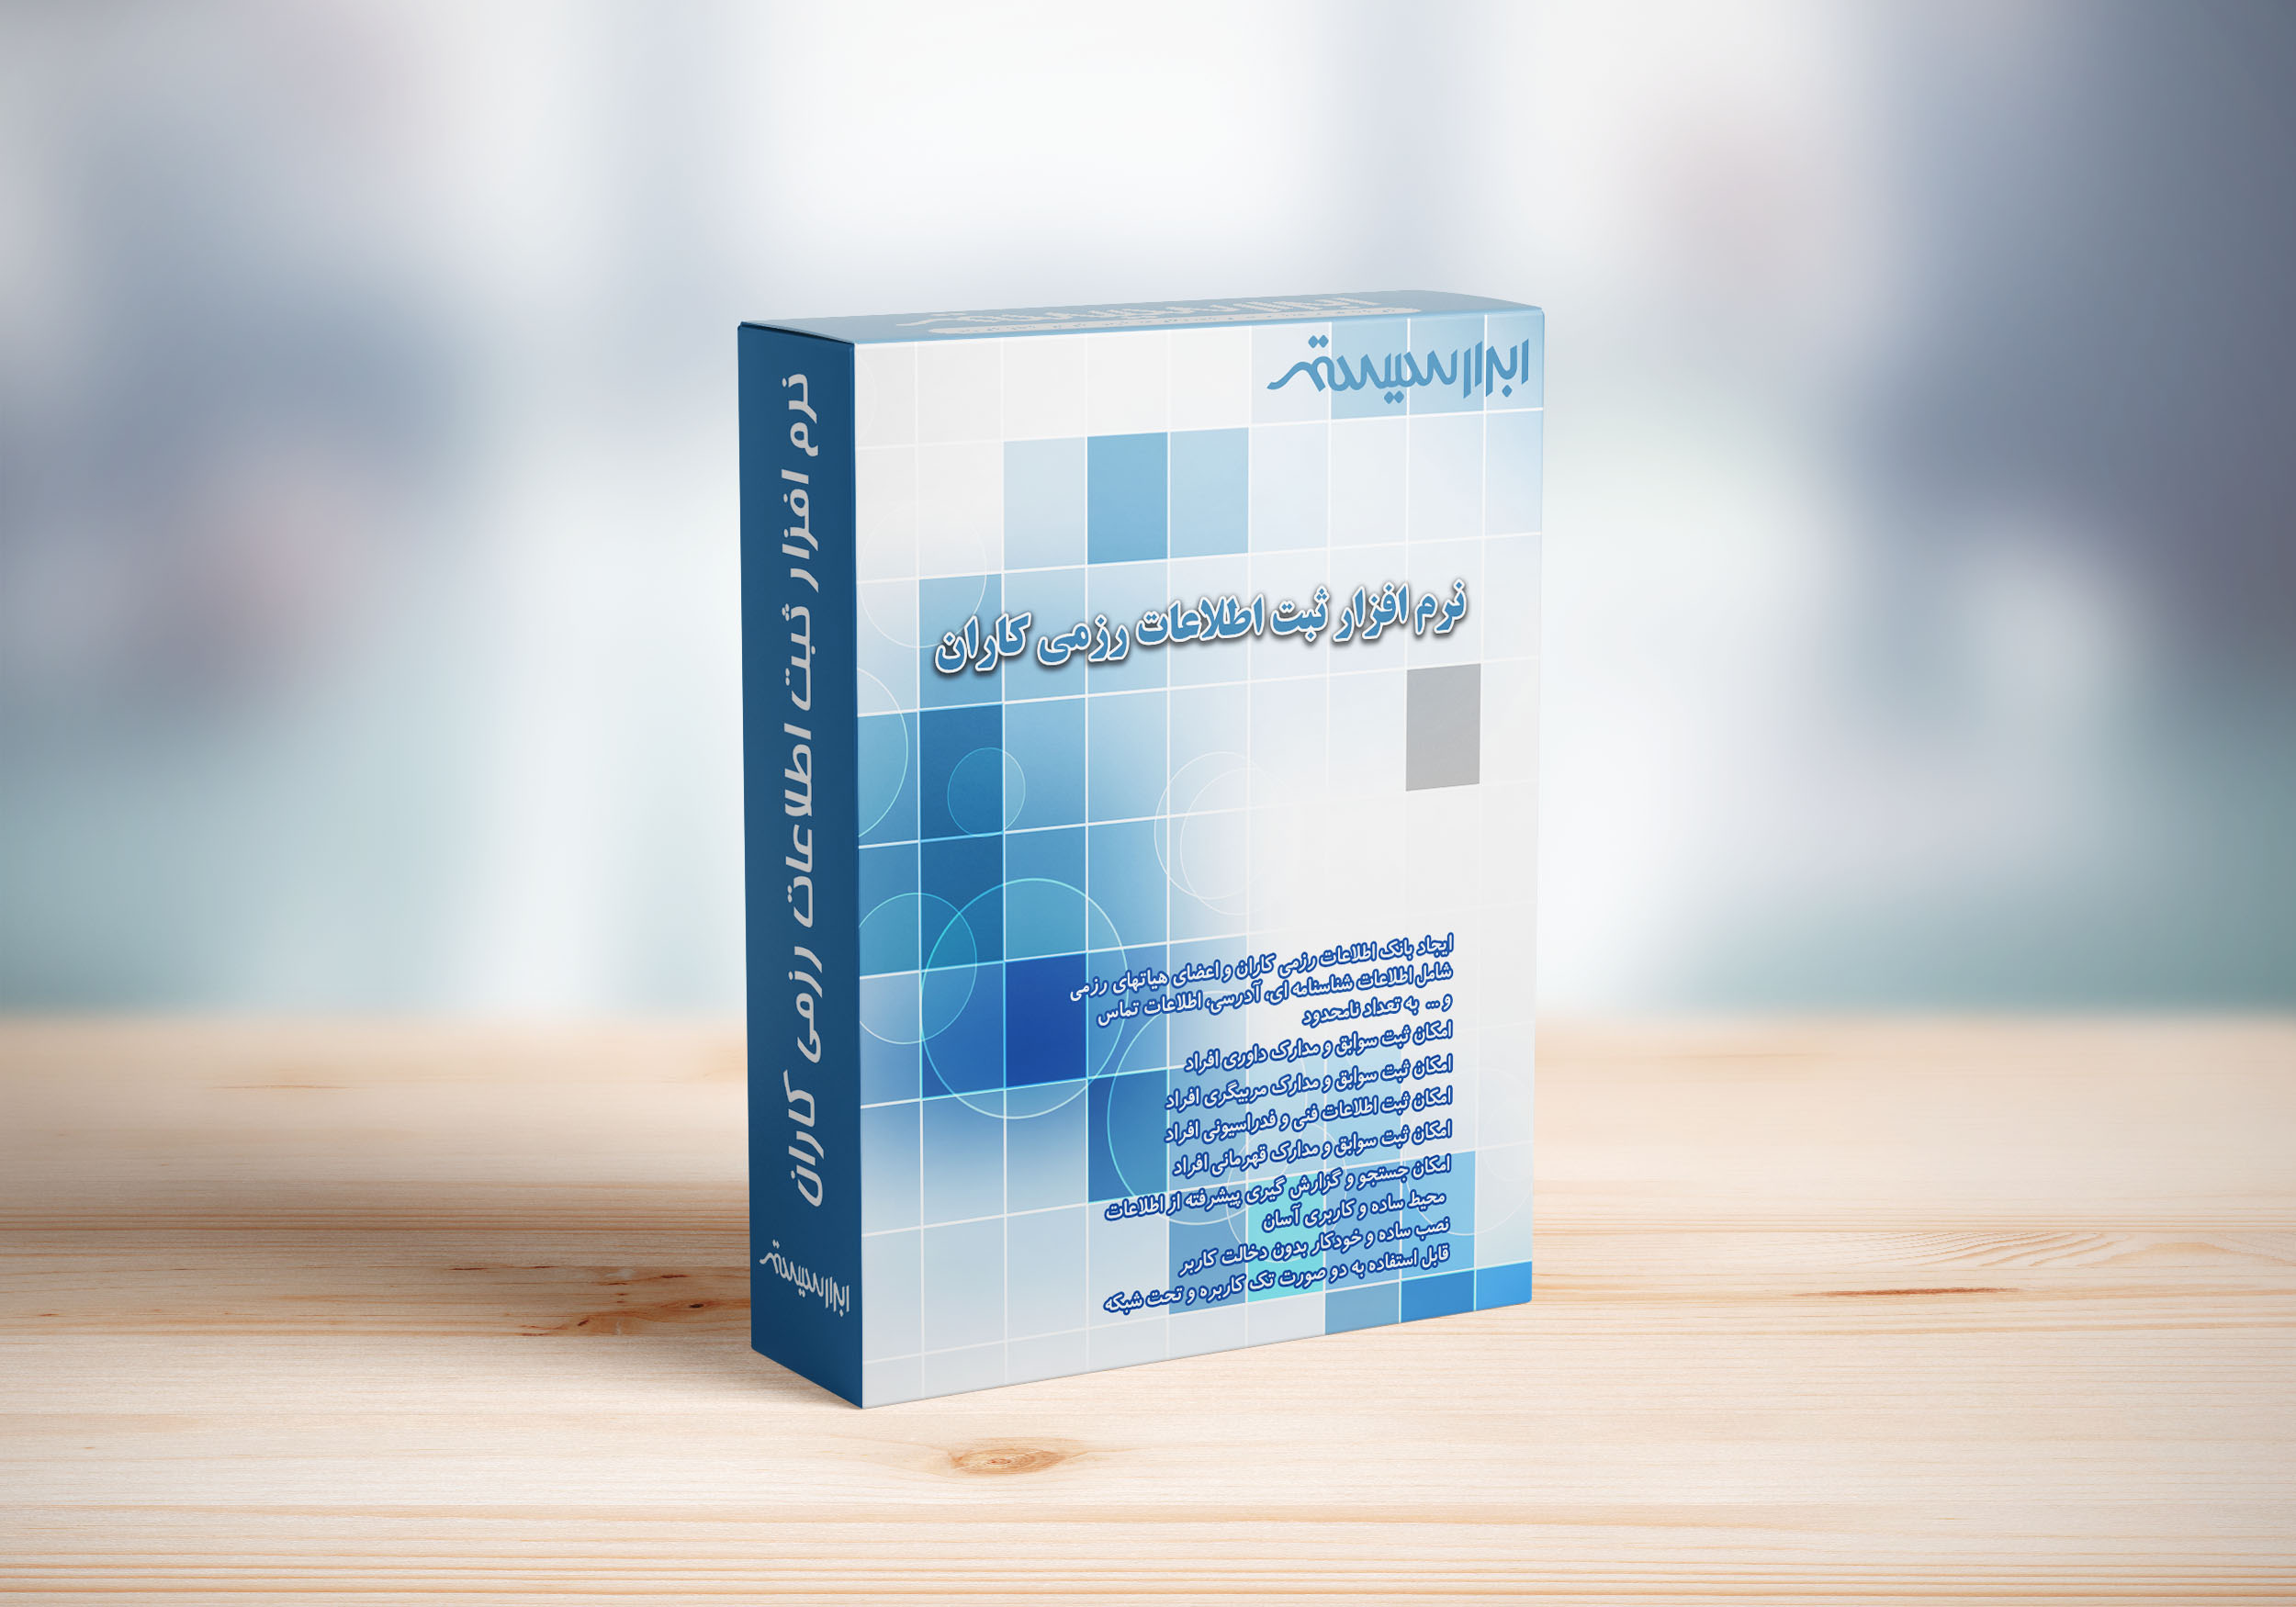 نرم افزار ثبت اطلاعات رزمی کاران - ابرار سیستم